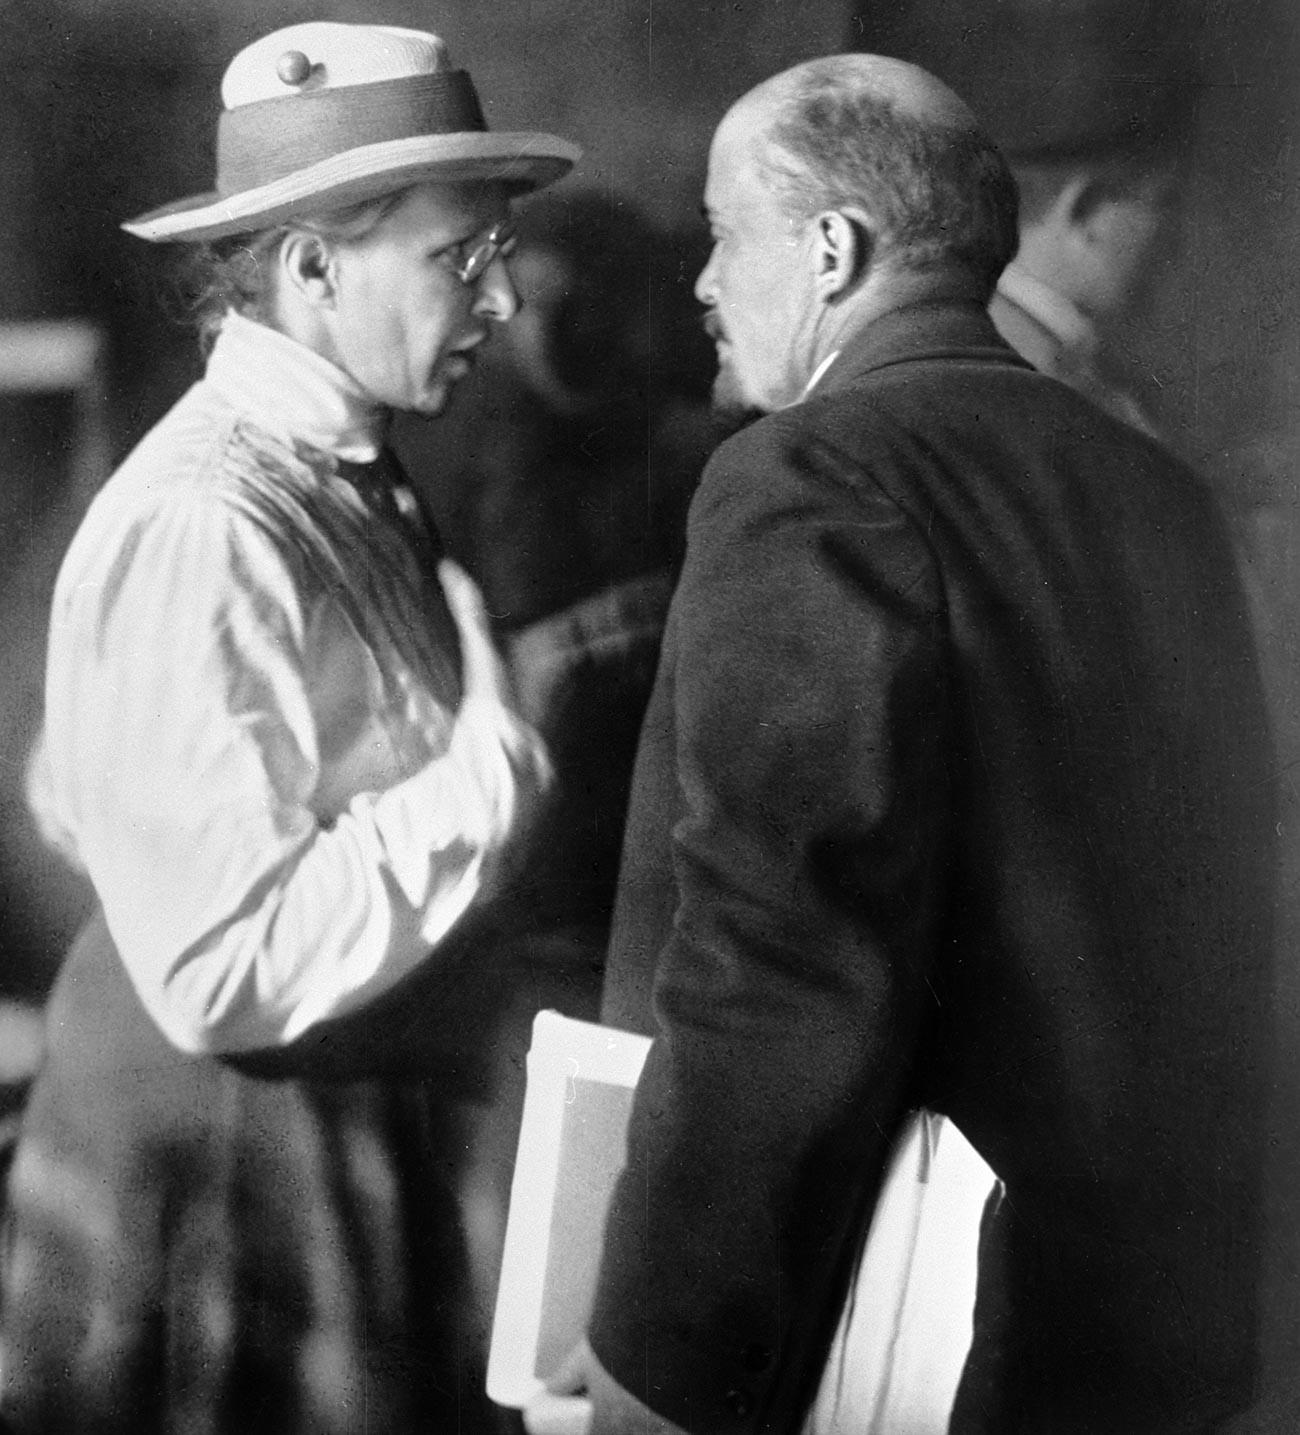 Владимир Илич Ленин и Елена Дмитриевна Стасова на Втория конгрес на Коминтерна. Москва. 1920 г.